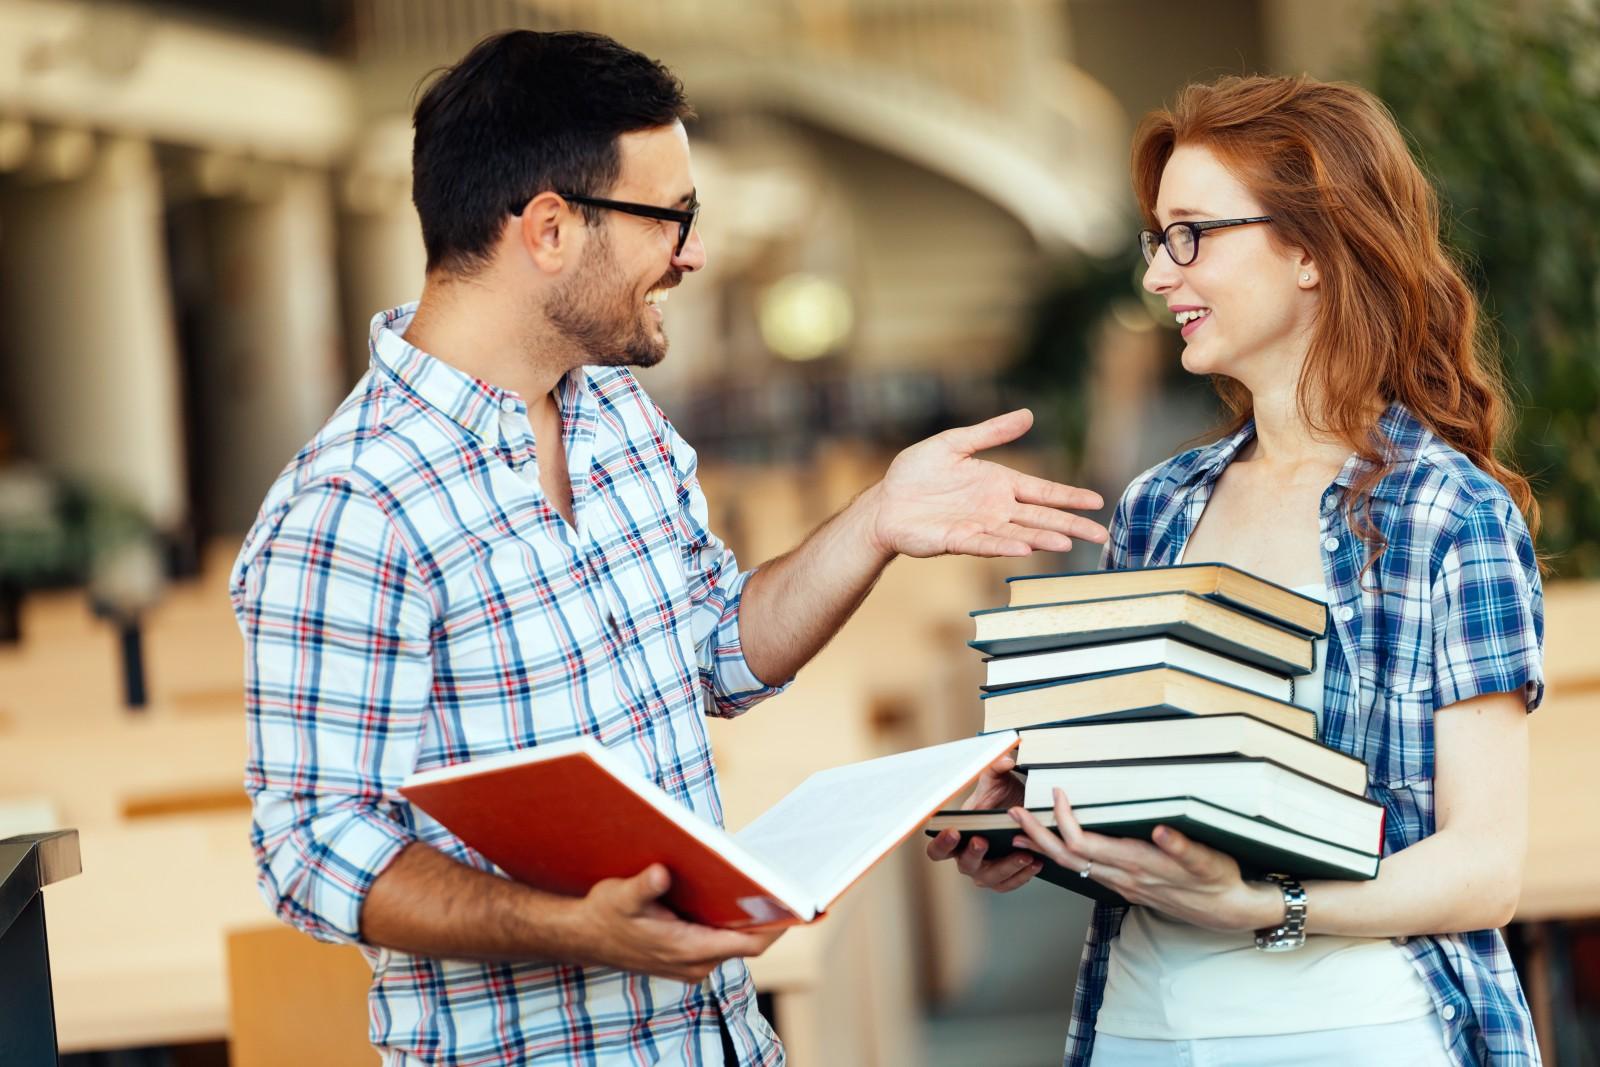 Жители столицы чаще получают образование в качестве хобби